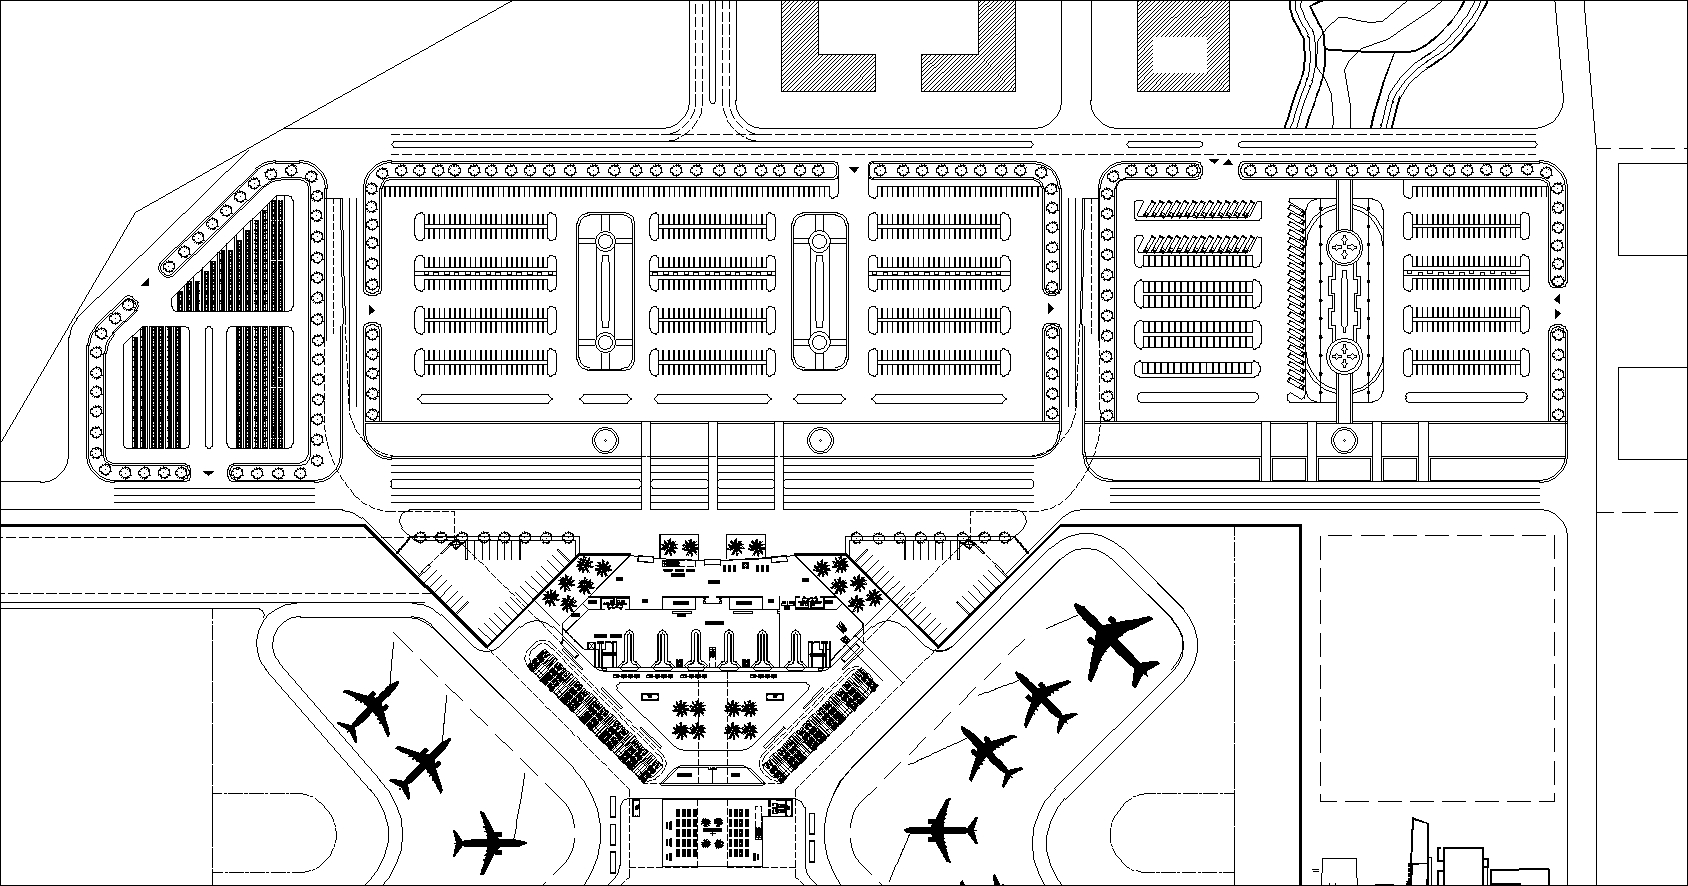 Airport Design Drawings